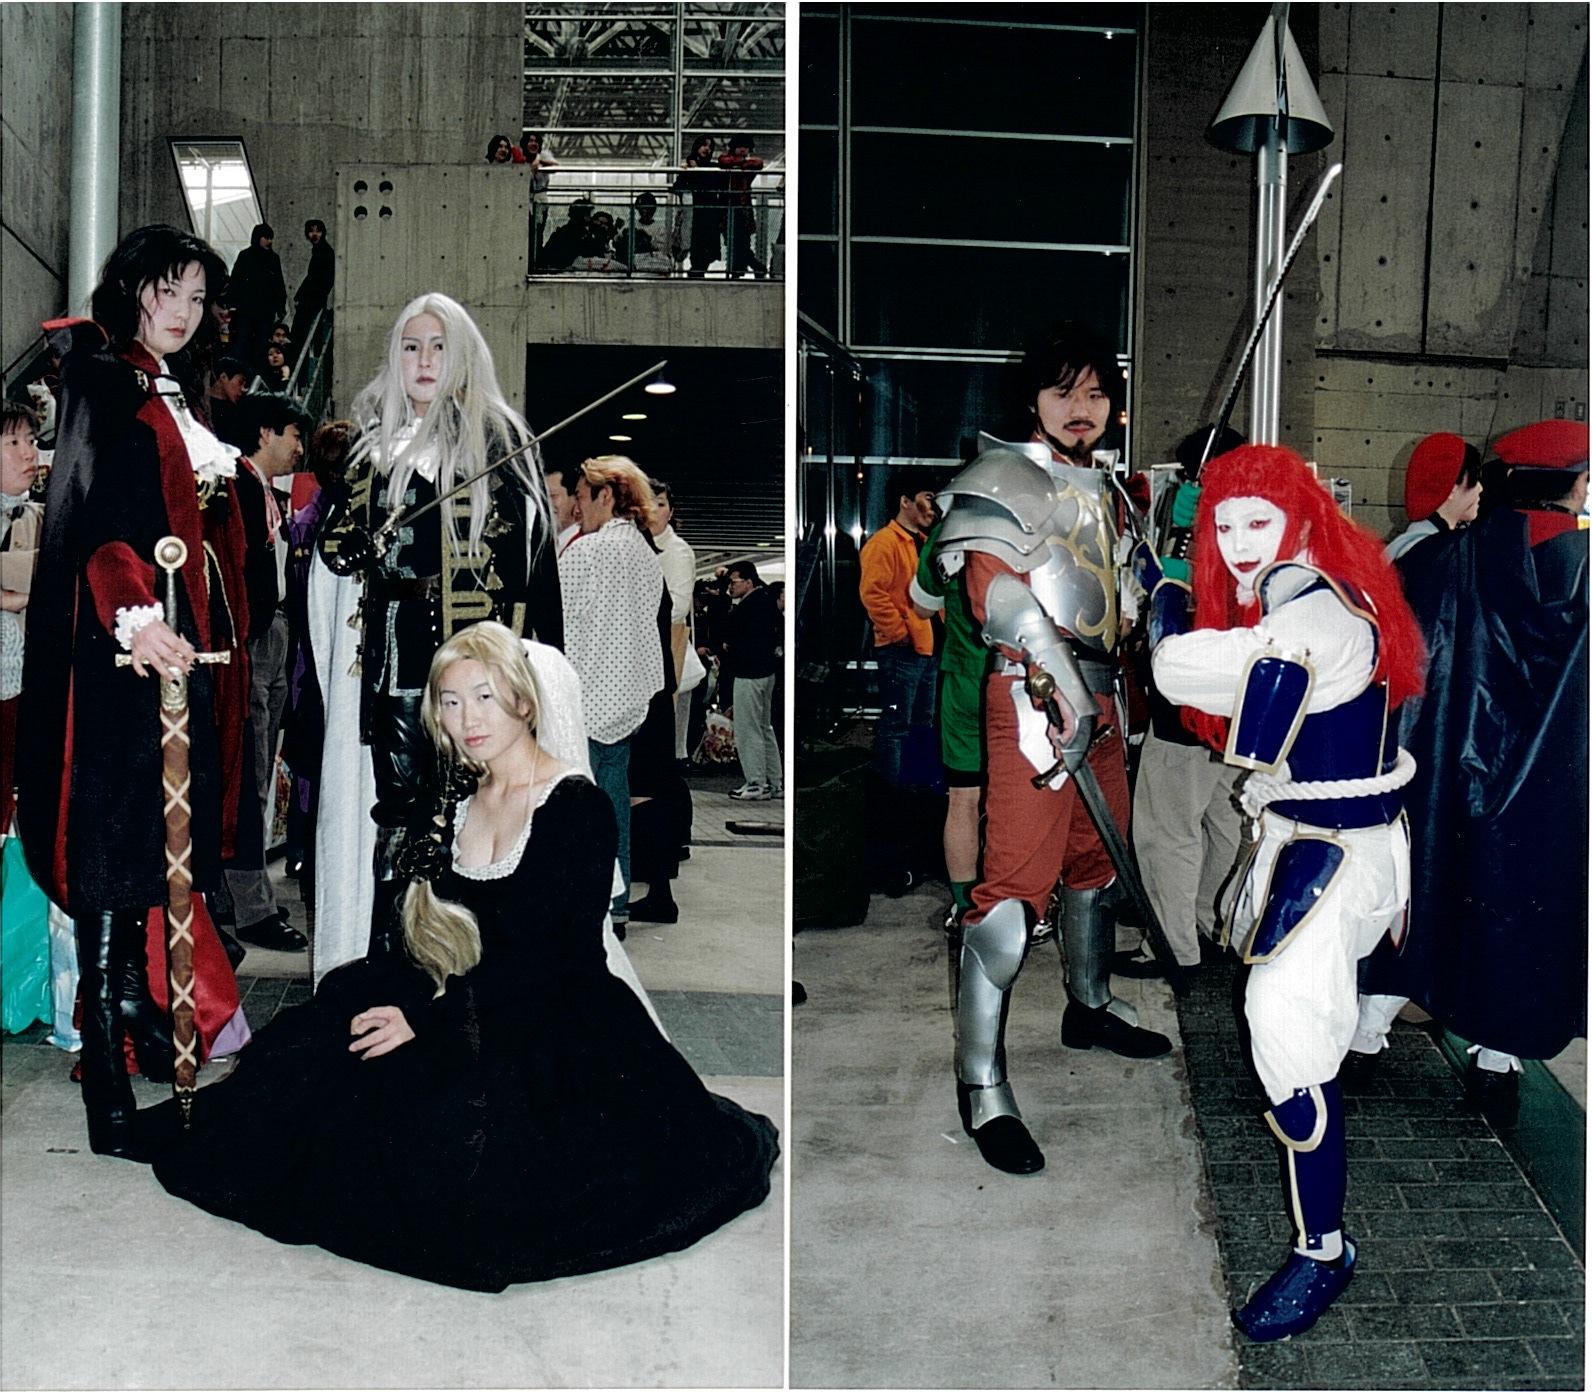 Alcune foto di cosplay alla presentazione stampa di PS3 (se non vado errato) ...